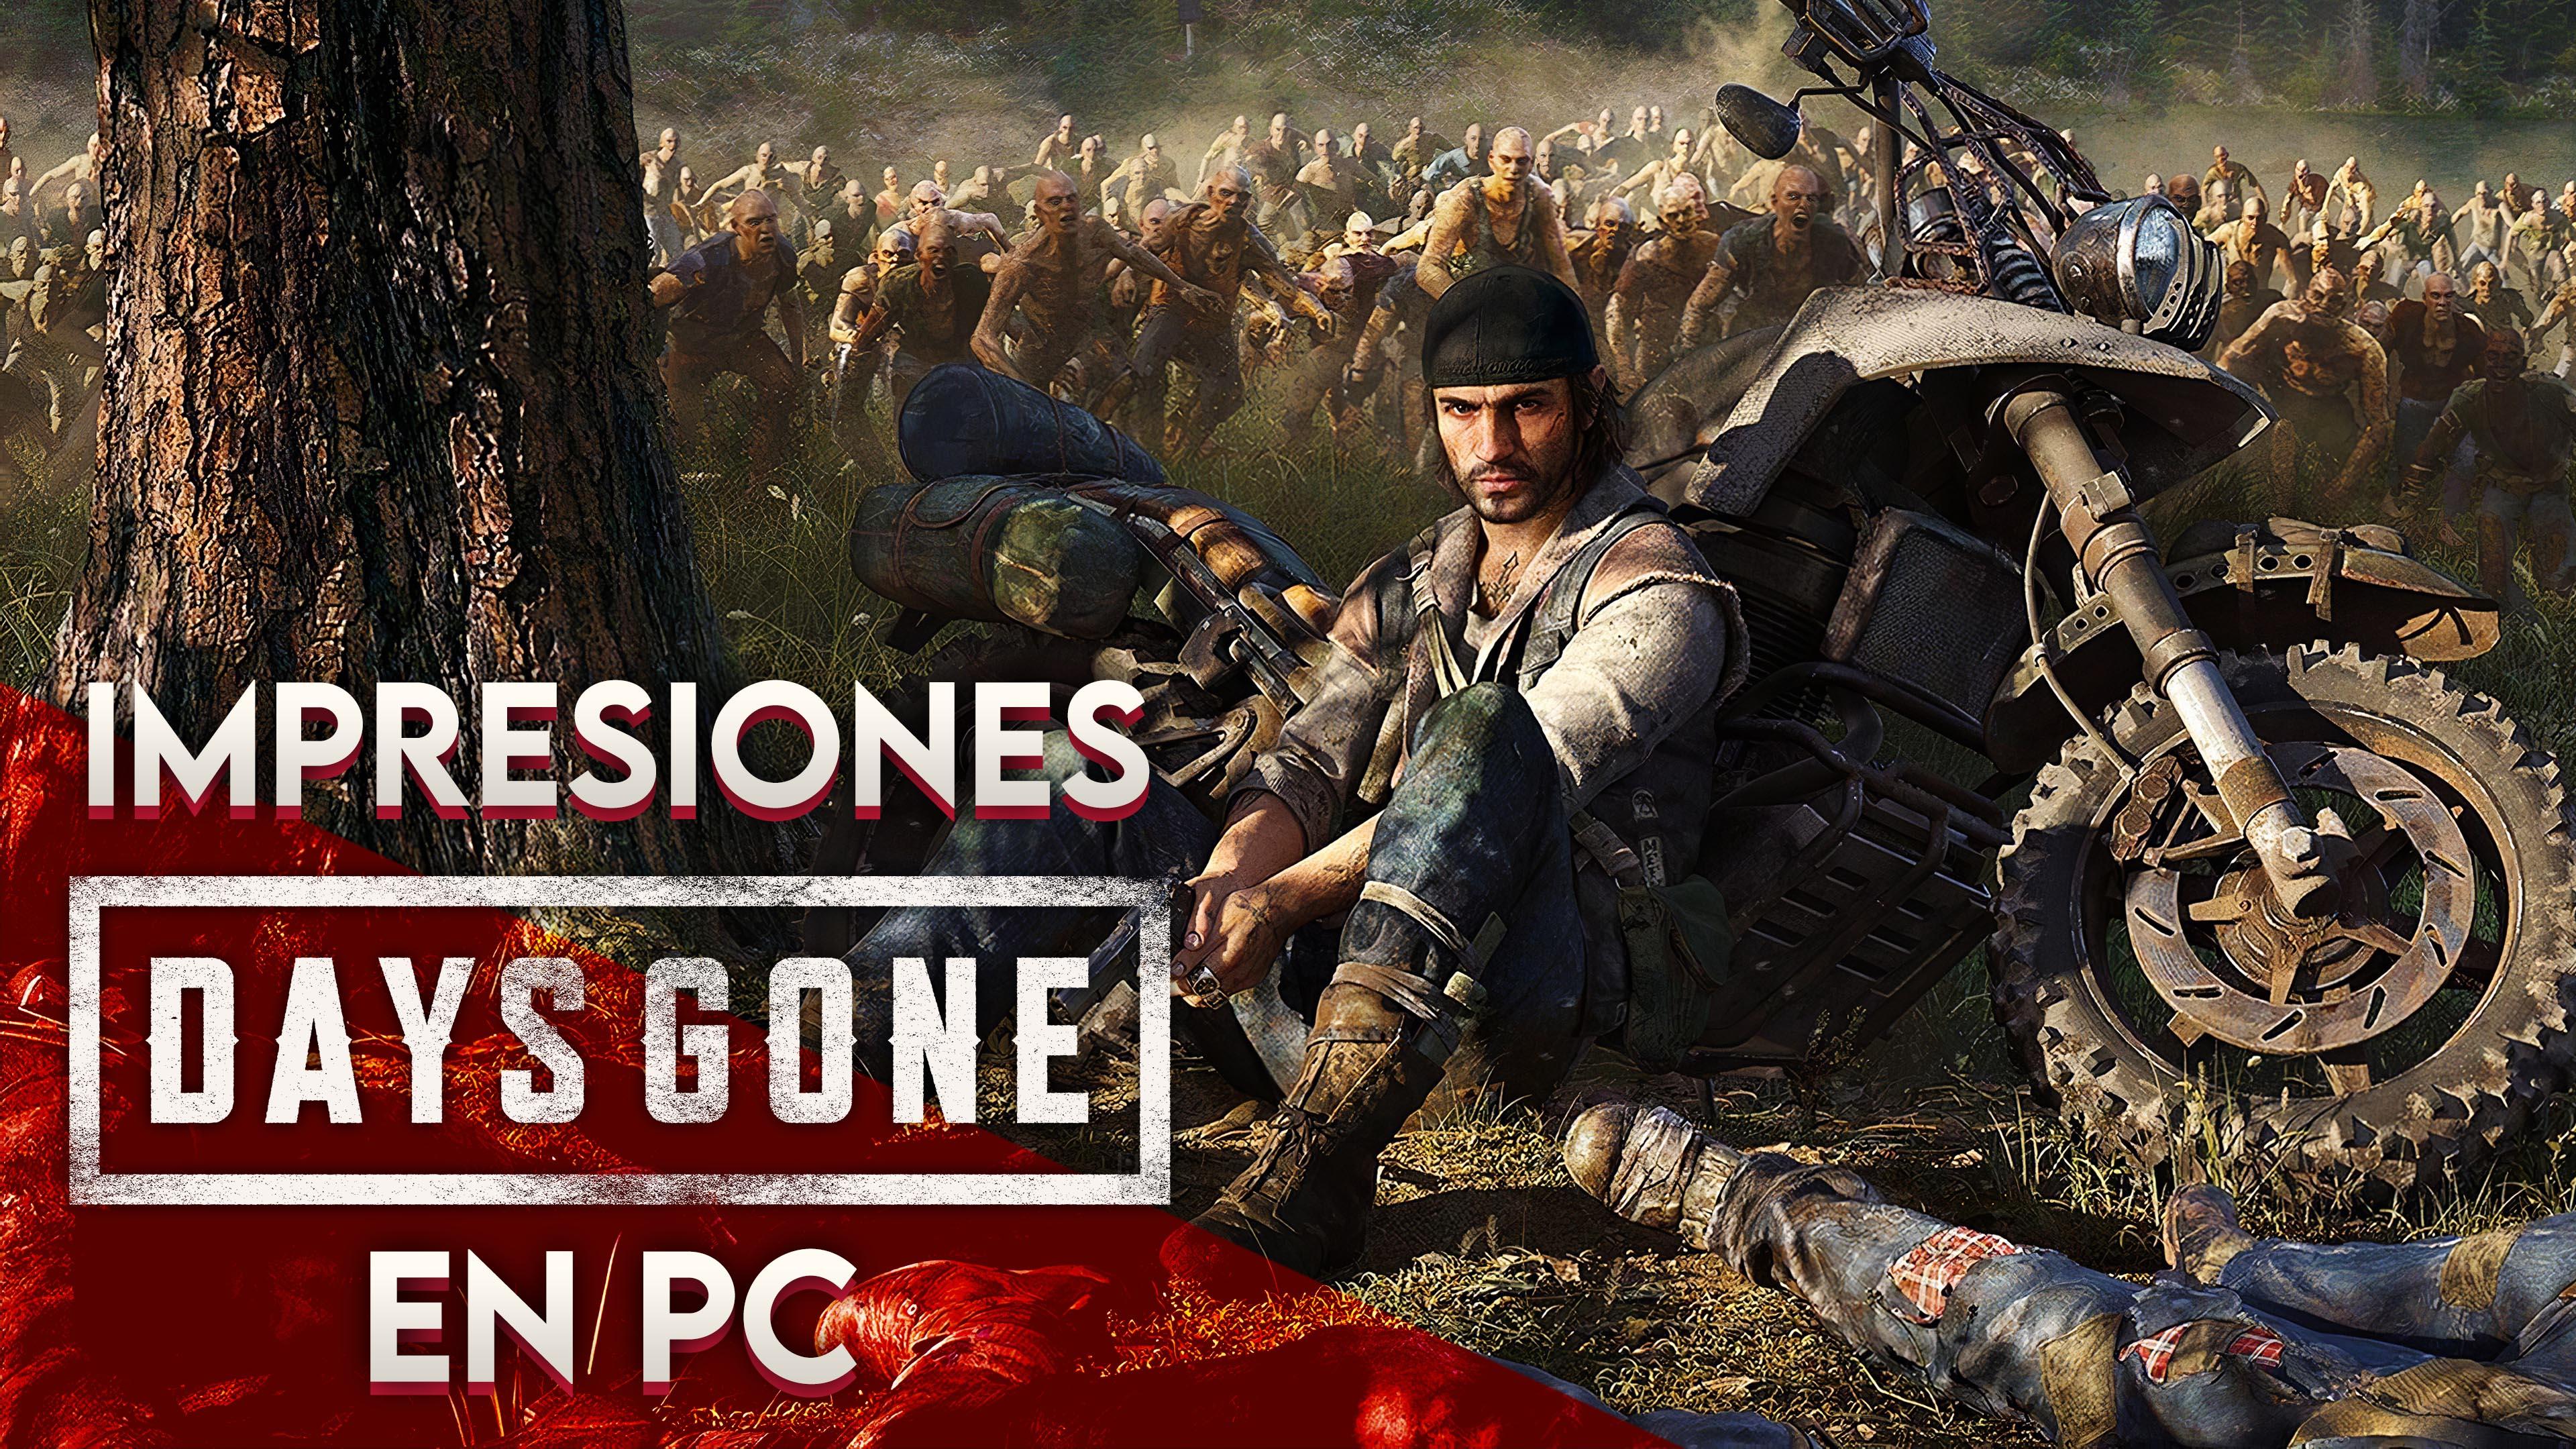 Impresiones: Days Gone en PC – Una Competente Segunda Oportunidad